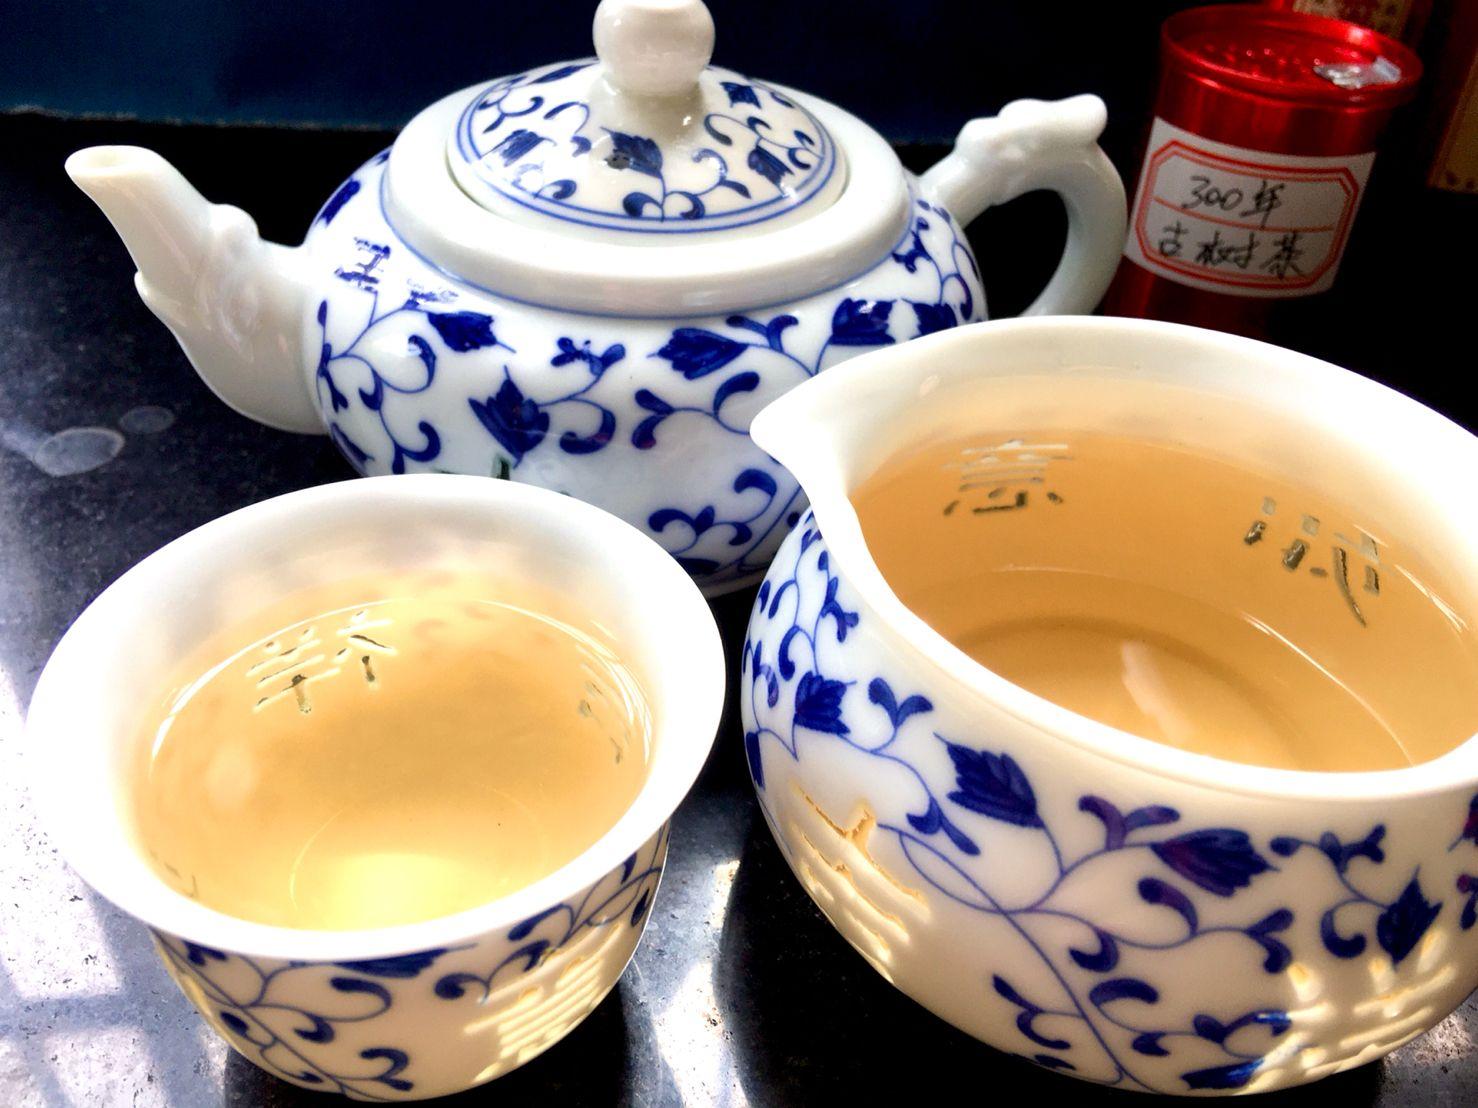 Fèng Huáng Shān (Mì Lán Xiāng: Fēng Mì Tián Weì) Wū Lóng Chá, 凤凰山 (蜜兰香:蜂蜜甜味) 乌龙茶, Phoenix Mountain (Honey Orchid Fragrance: Honey Sweet) Oolong Tea